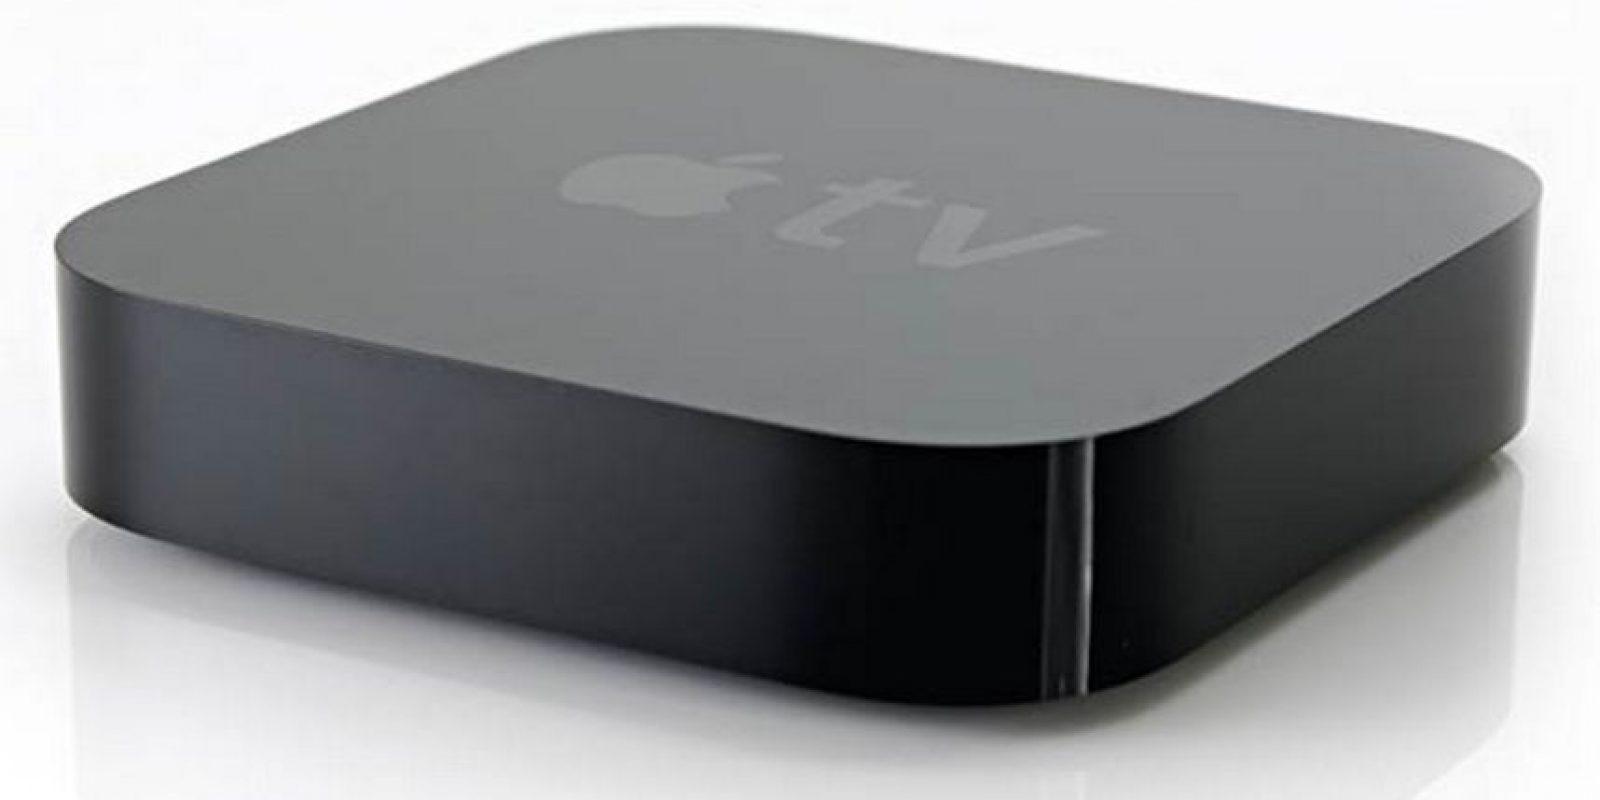 Televisión de paga. Existen varias opciones de entretenimiento en la TV, entre las más populares se encuentran Apple TV, Netflix, Hulu o Amazon Instant. Foto:Apple